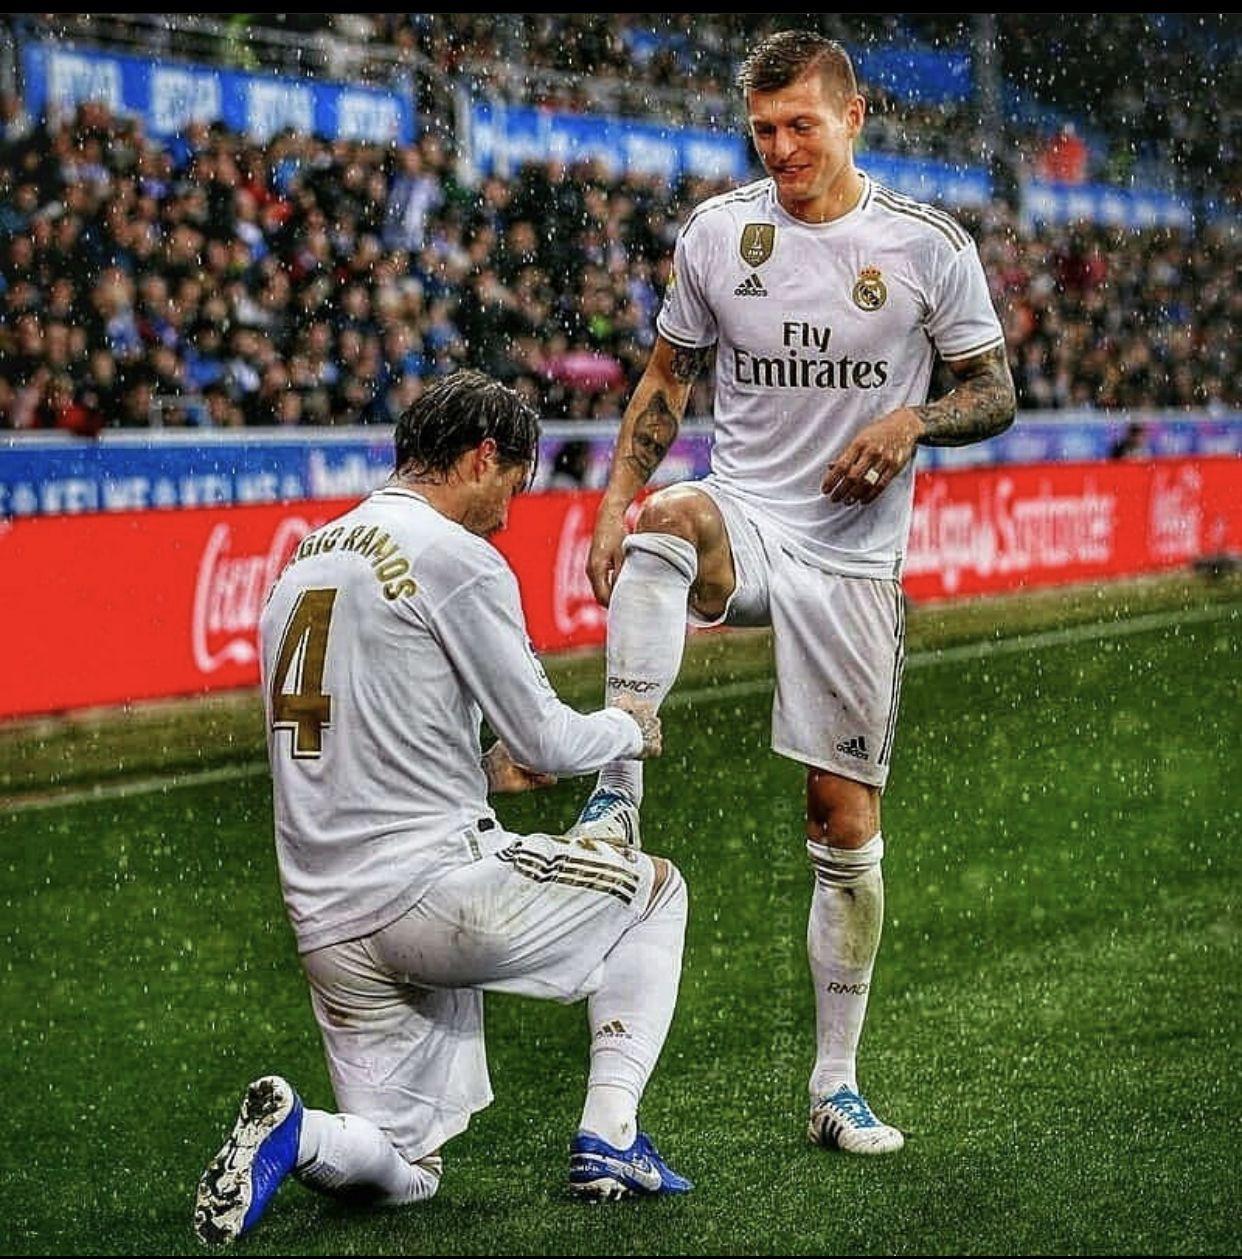 Pin De Jose Luis Lajo Sinovas En Real Madrid Equipo De Fútbol Futbol Online Futbol En Vivo